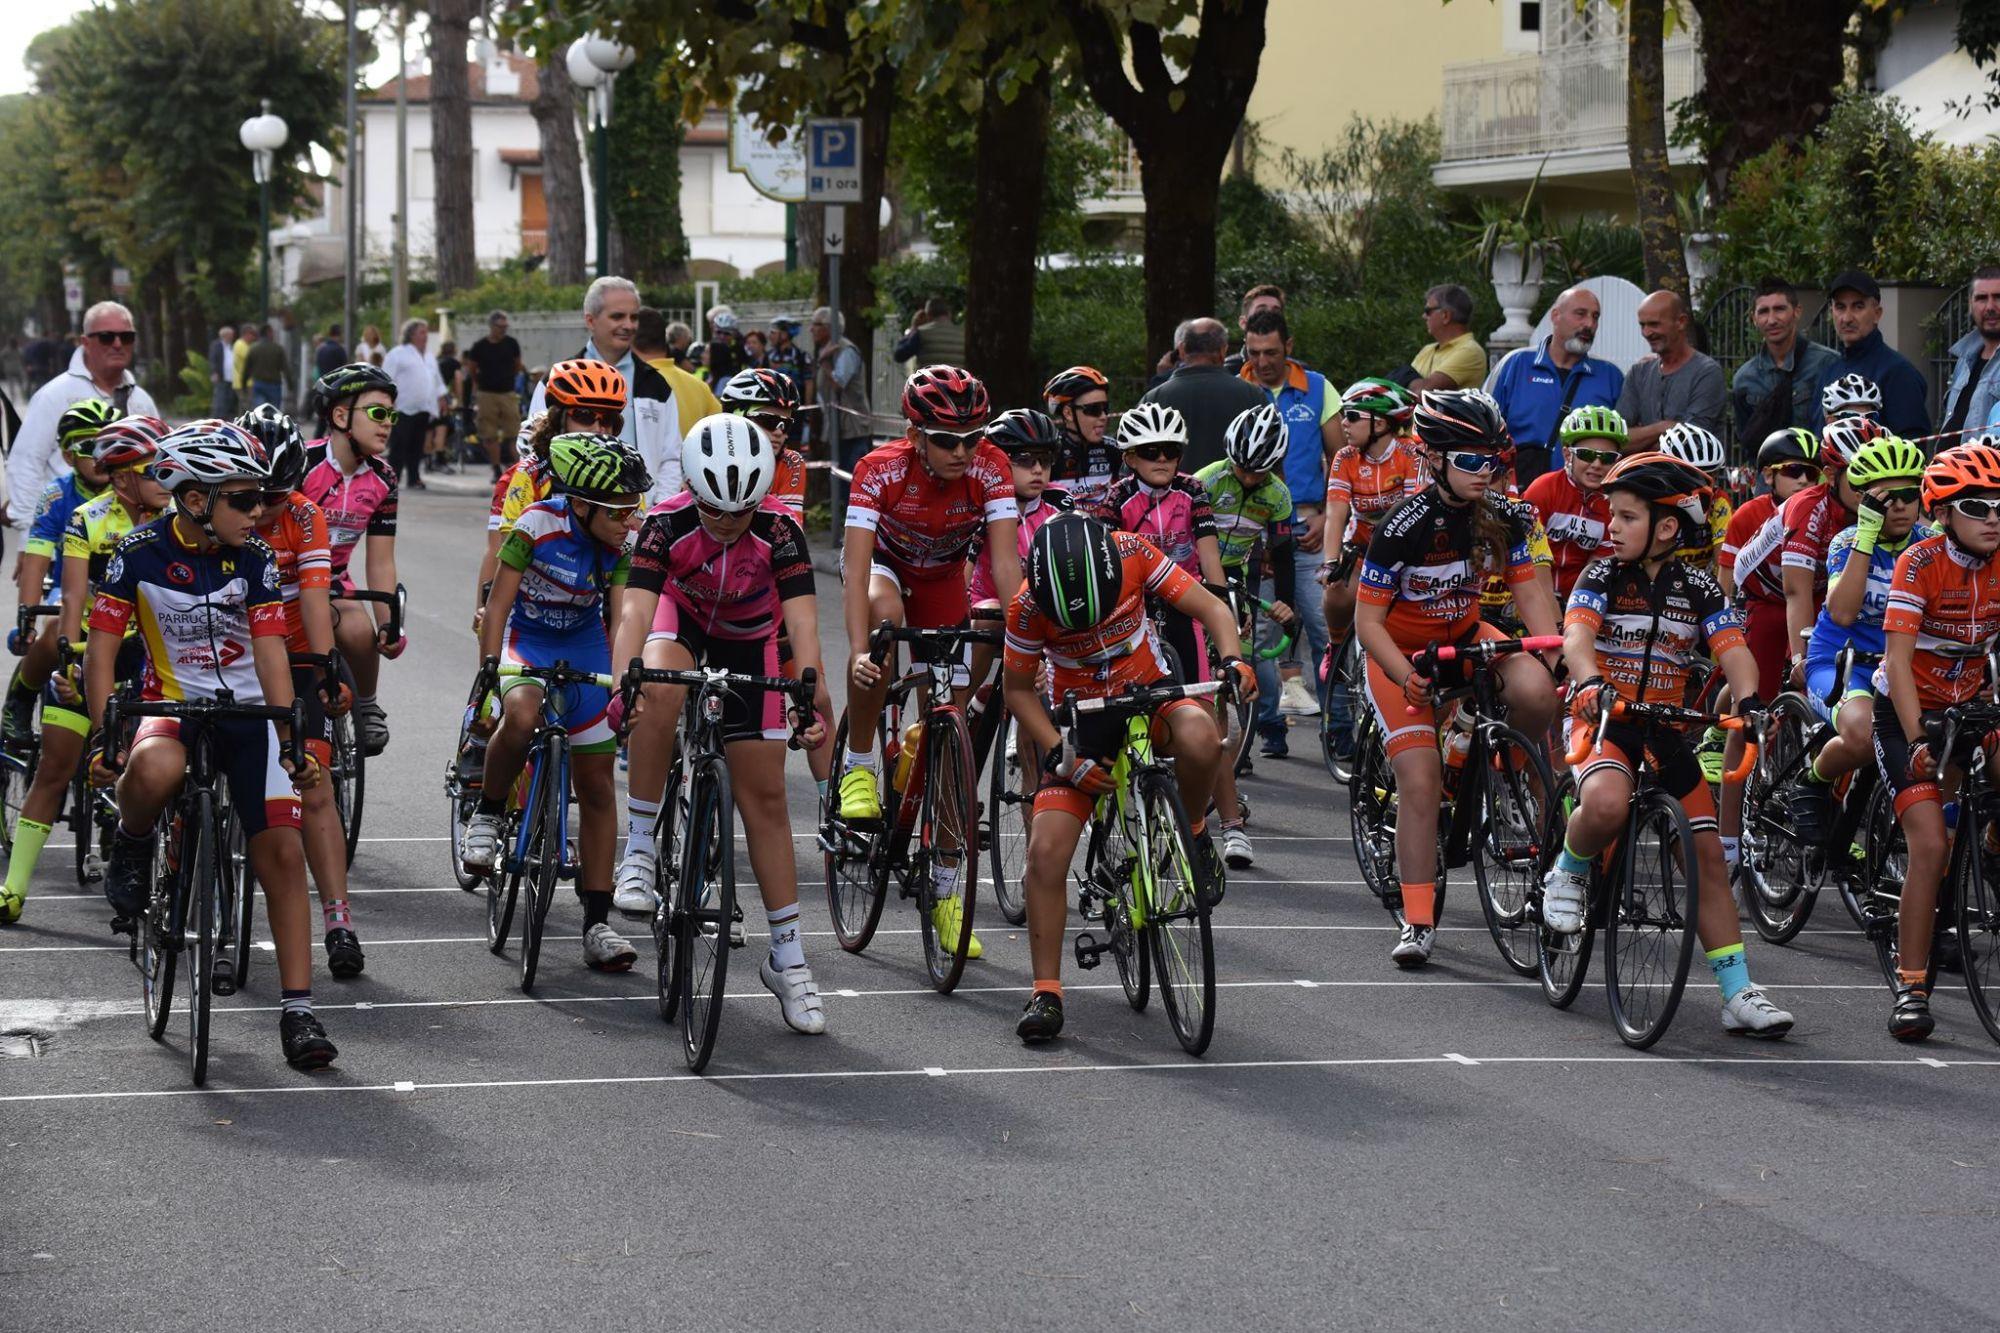 Bilancio super per il Trofeo Buffoni con 200 corridori